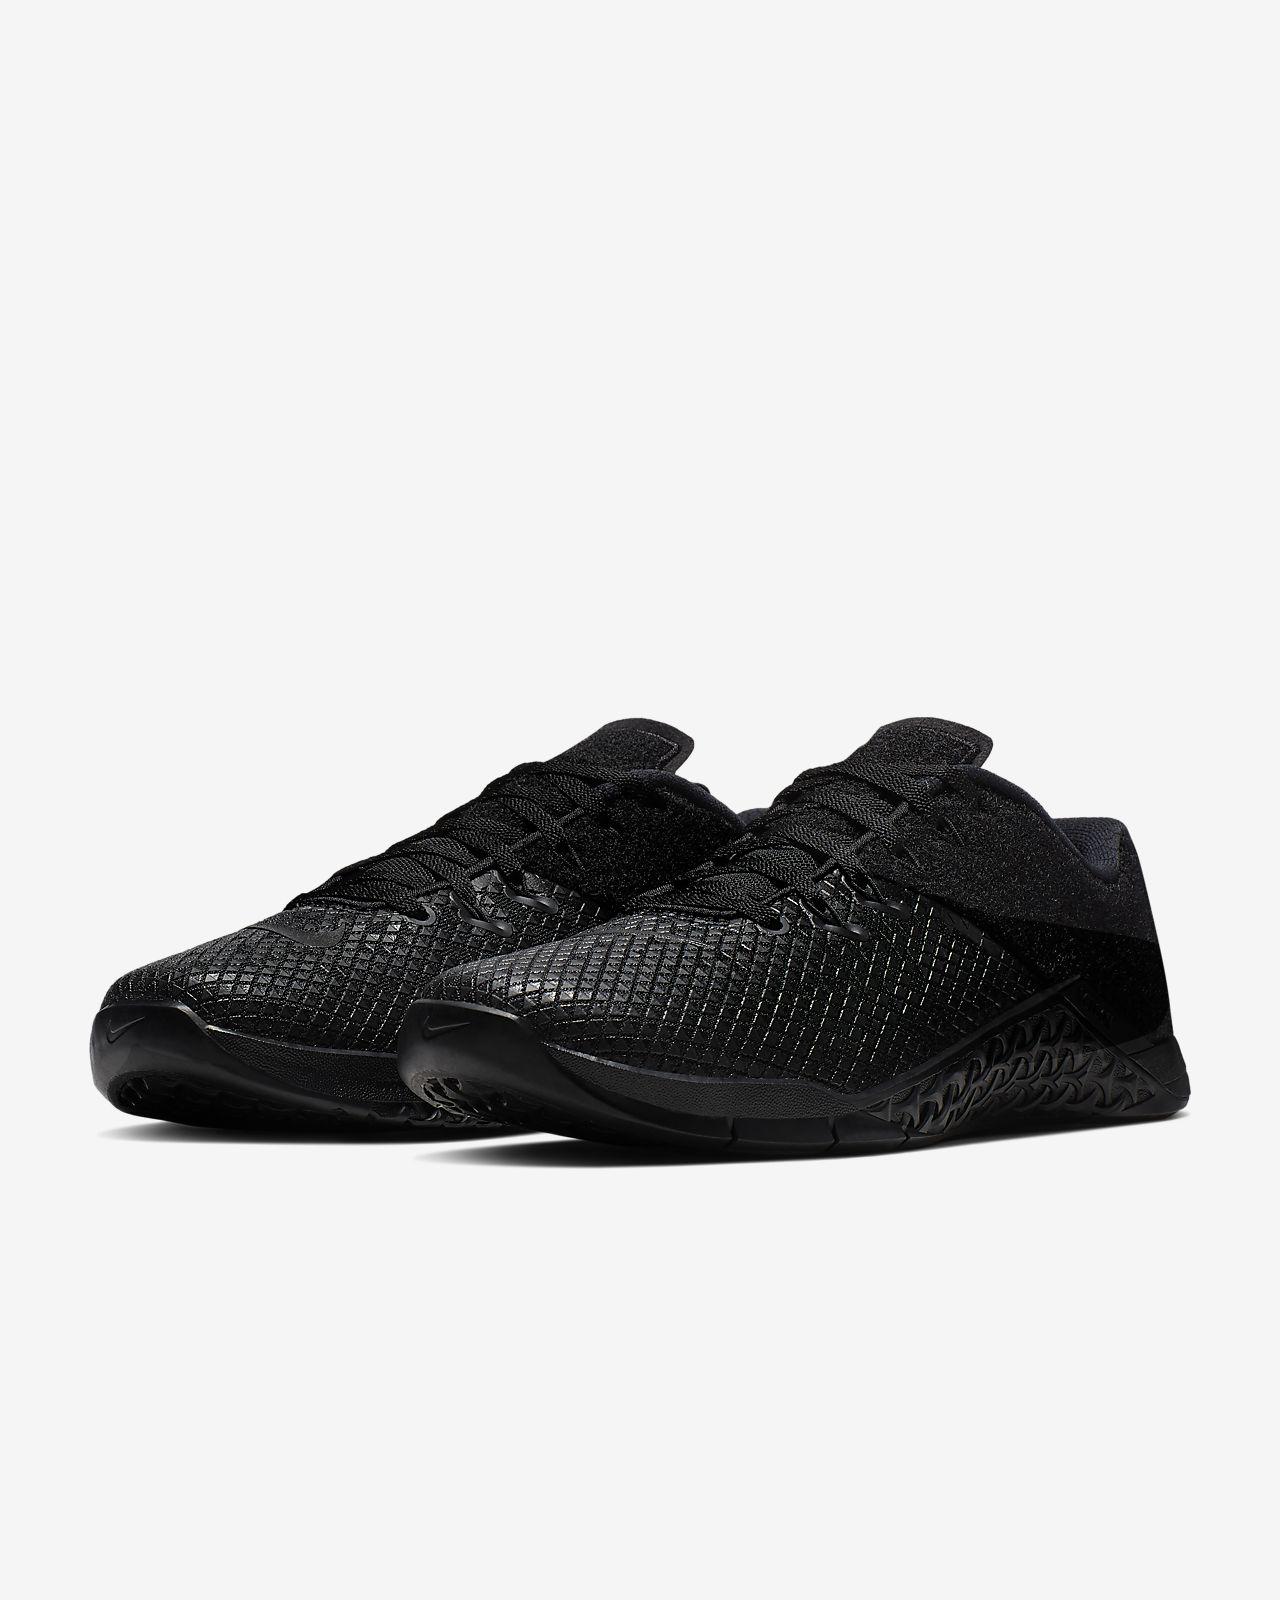 best sneakers d1c8e 24562 ... Nike Metcon 4 XD Patch Women s Training Shoe